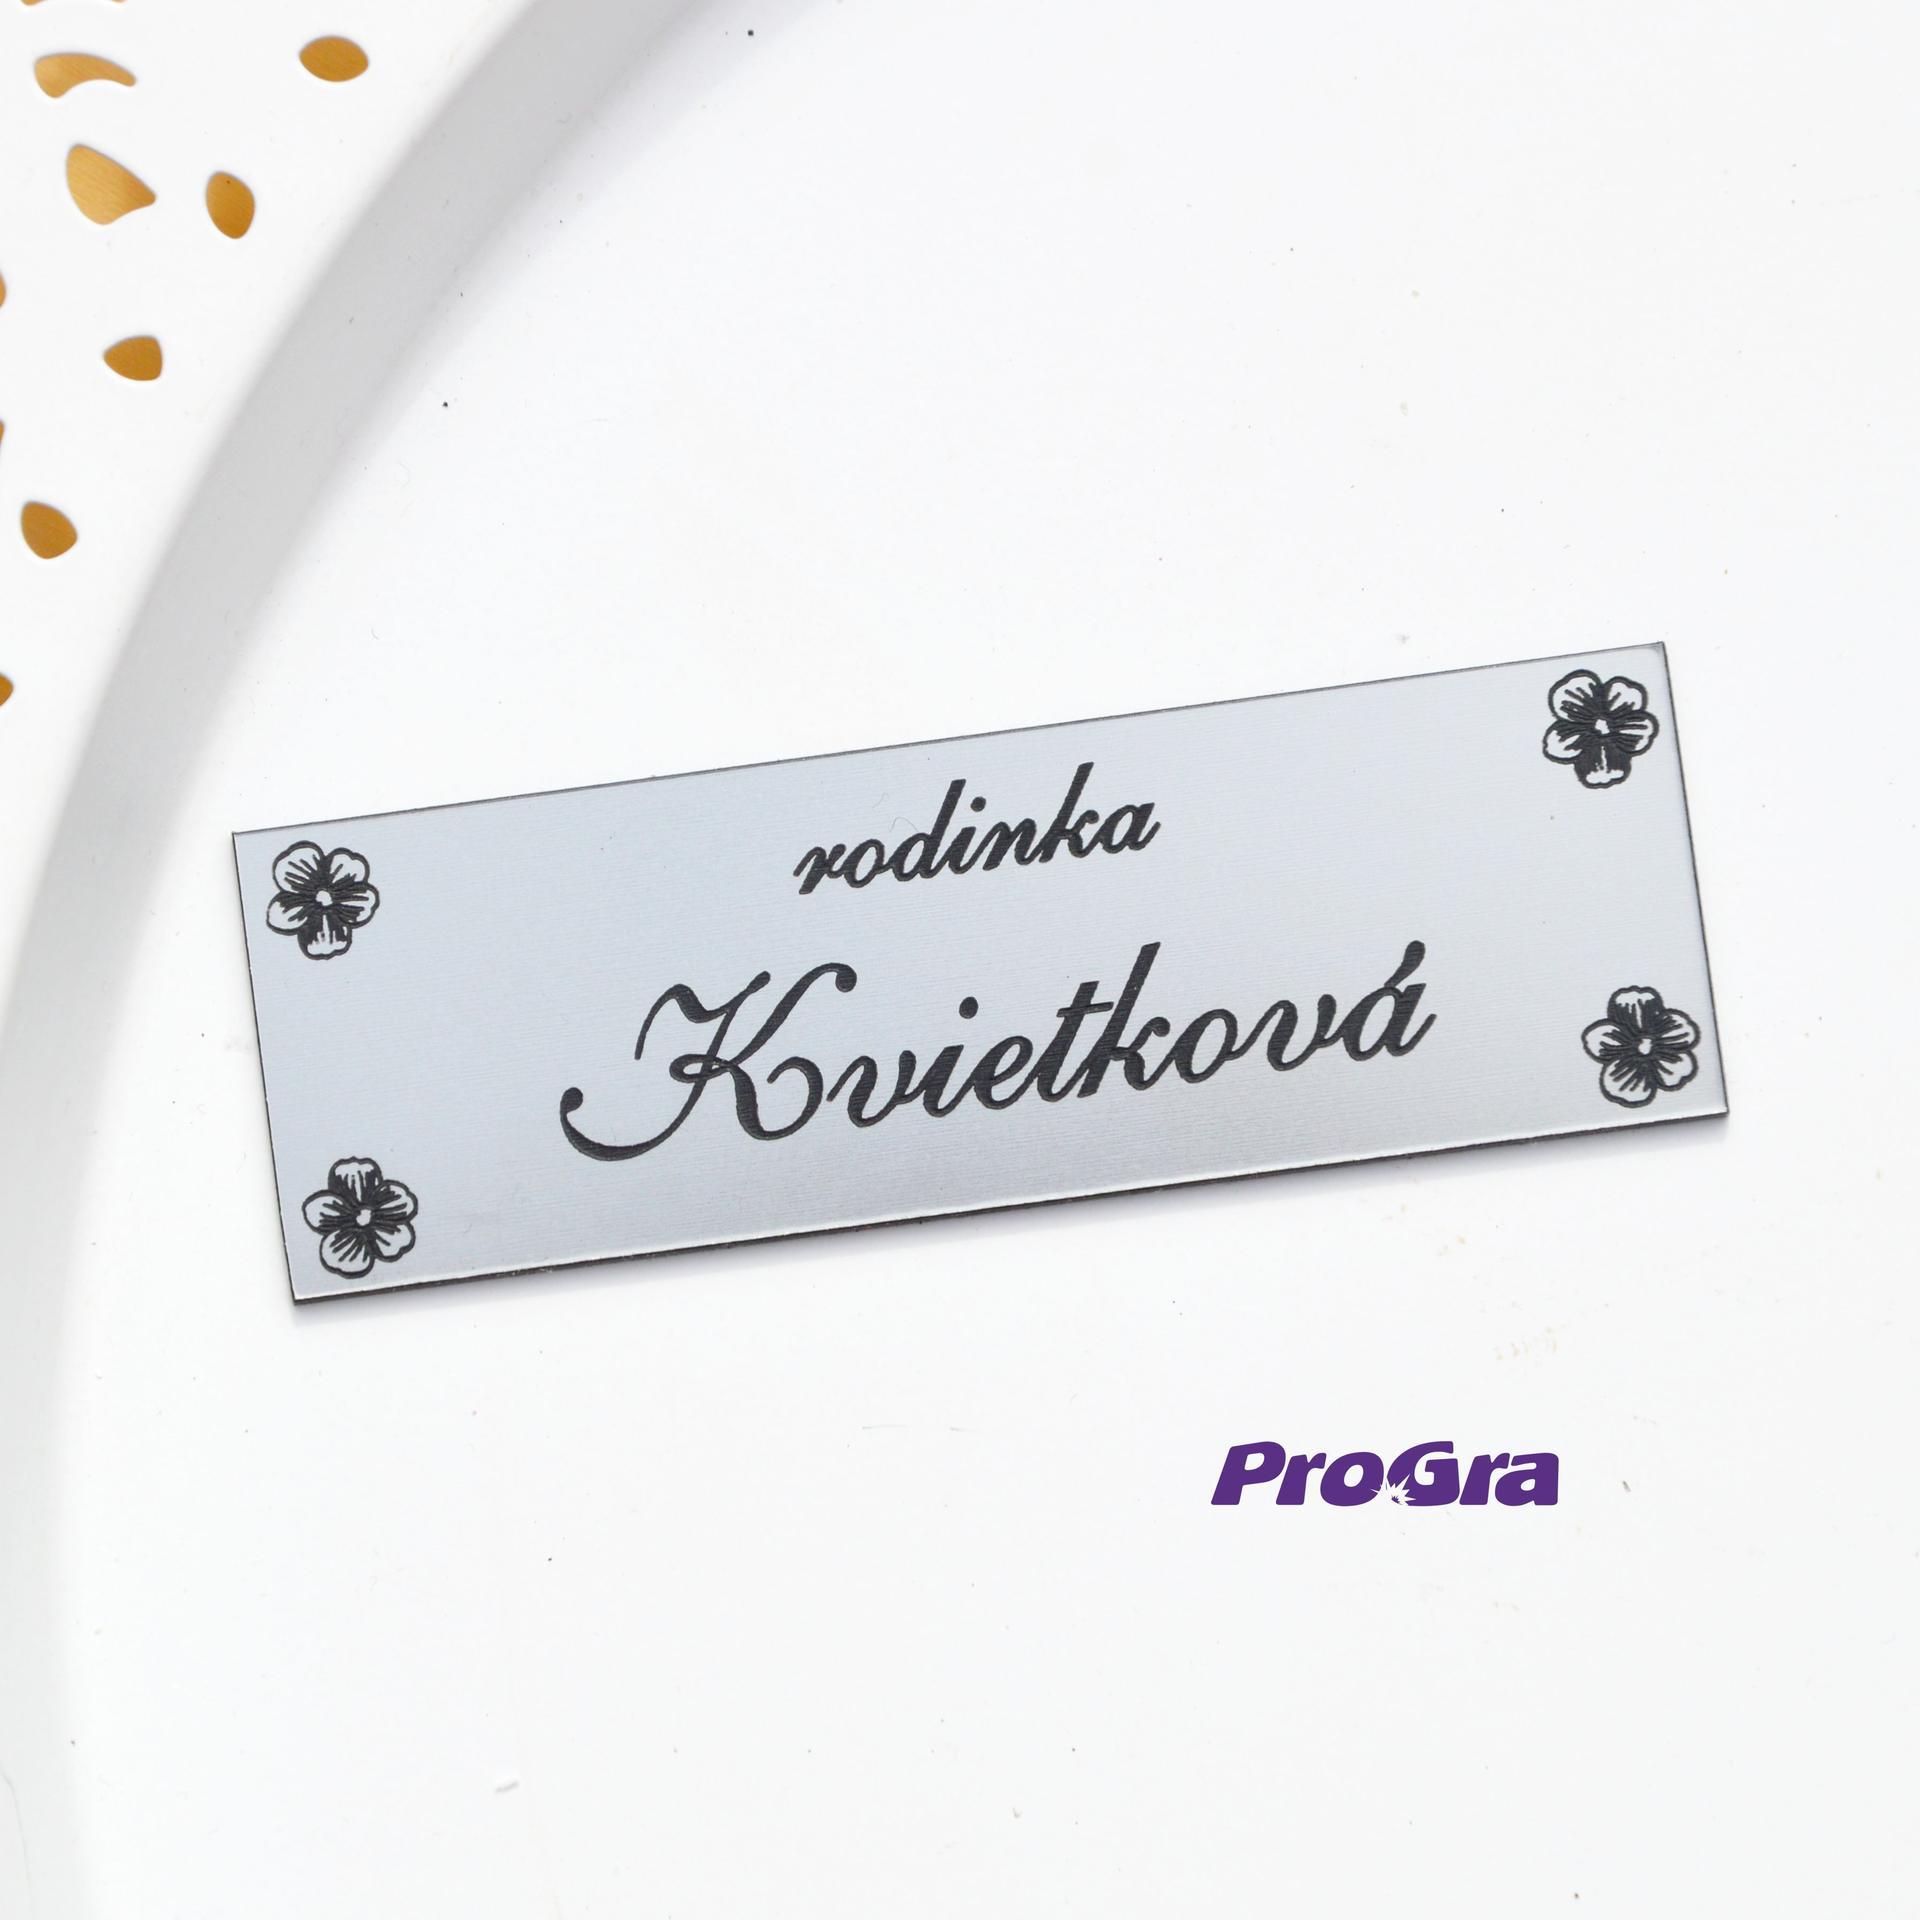 Po svadbičke - ak po svadbe potrebujete novú menovku na dvere - u nás nájdete krásne kreatívne menovky